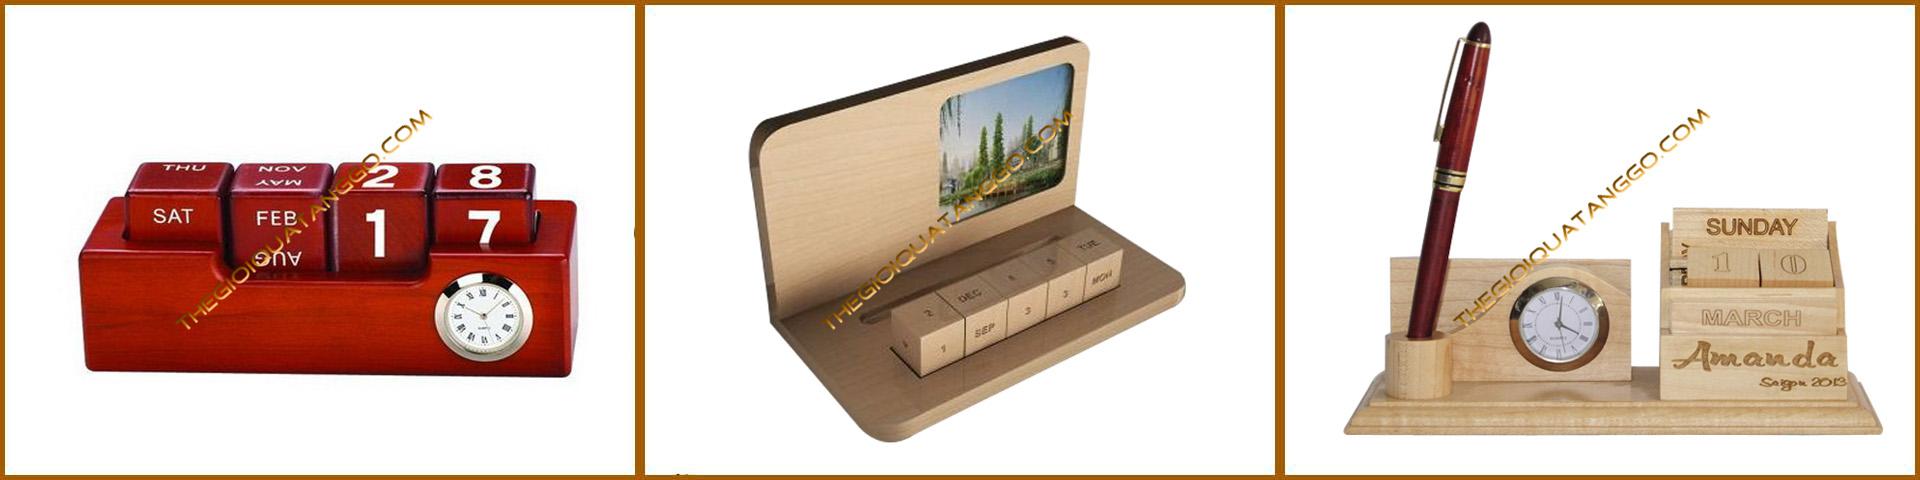 lịch gỗ để bàn trang trí 4